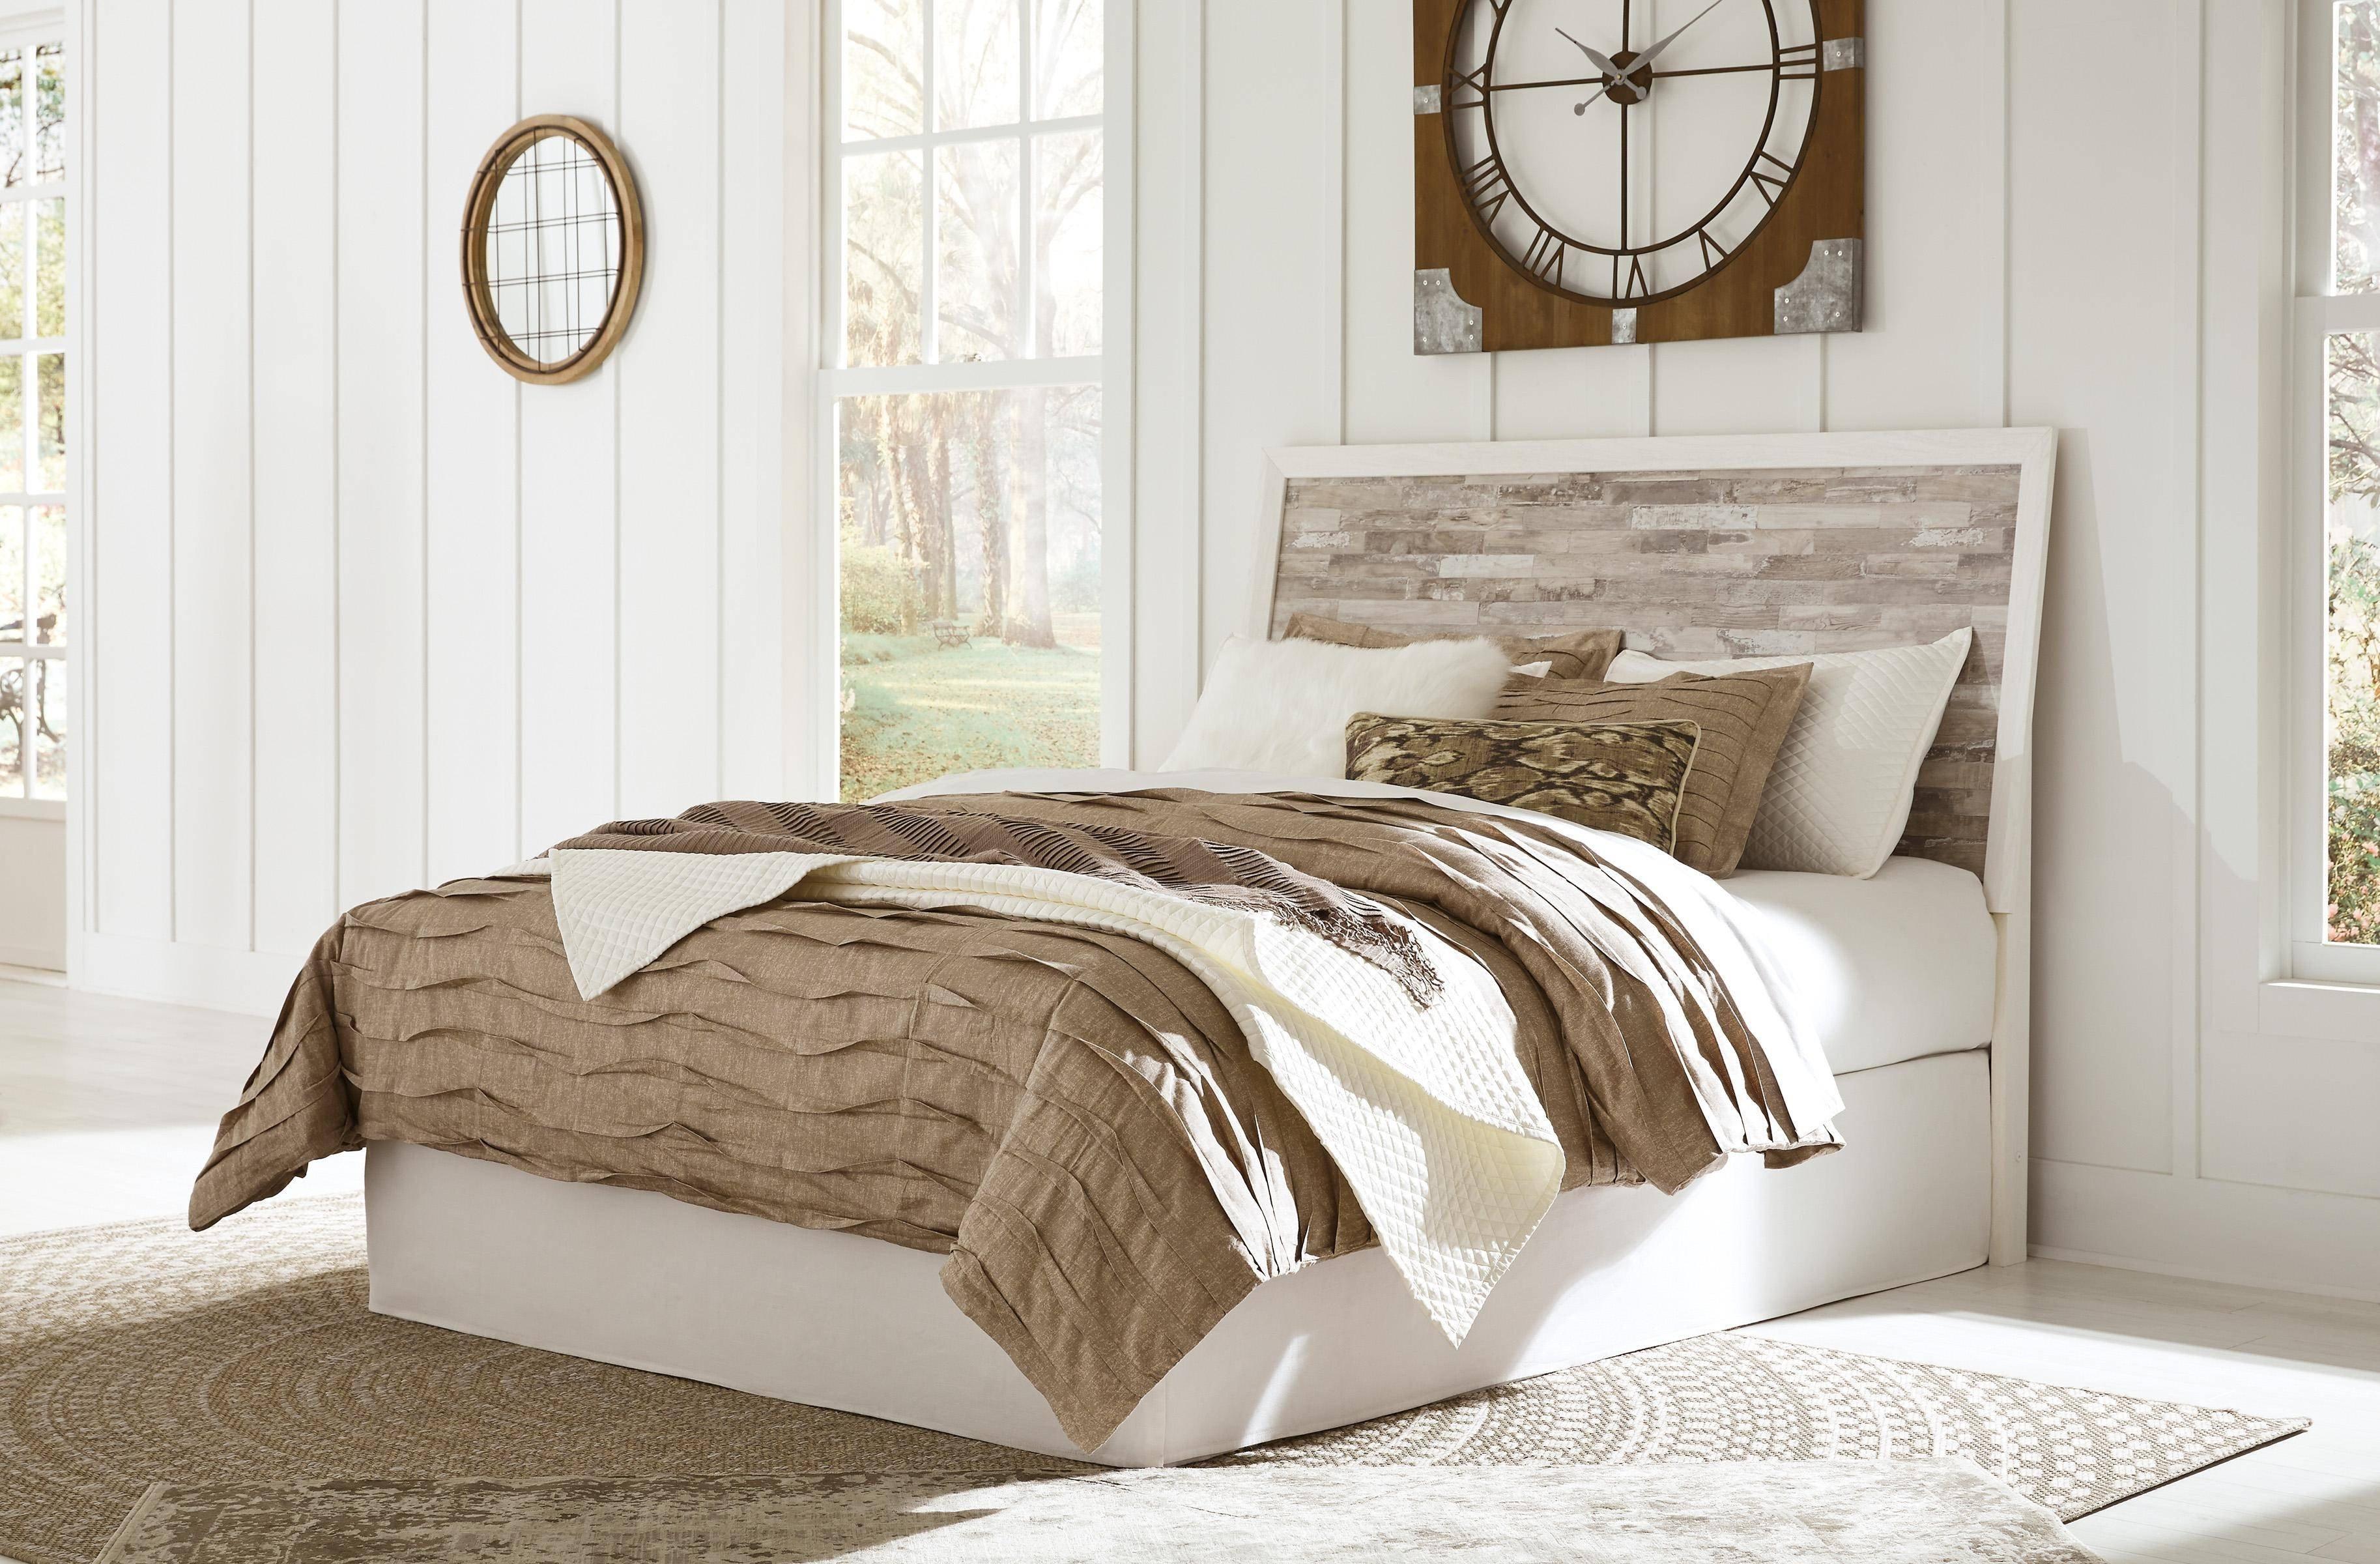 6 Piece Queen Bedroom Set Lovely ashley Evanni B315 Queen Size Platform Bedroom Set 6pcs In